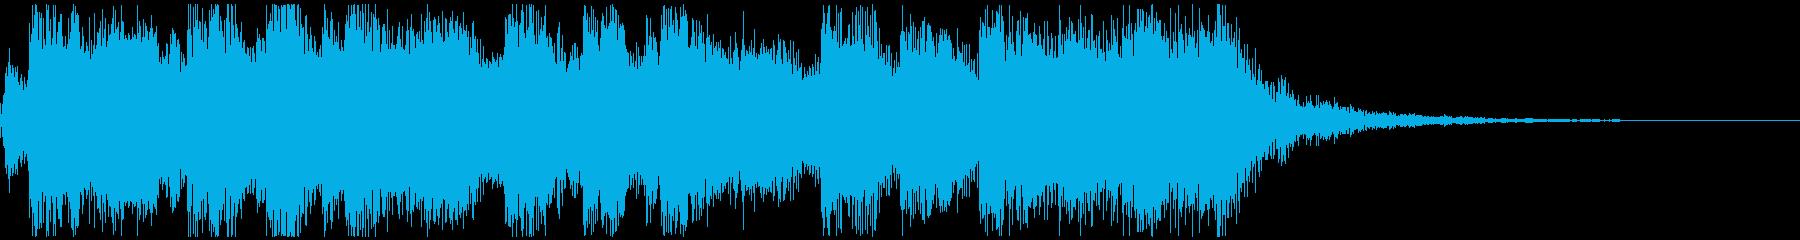 RPG風ファンファーレ(行進曲風)の再生済みの波形